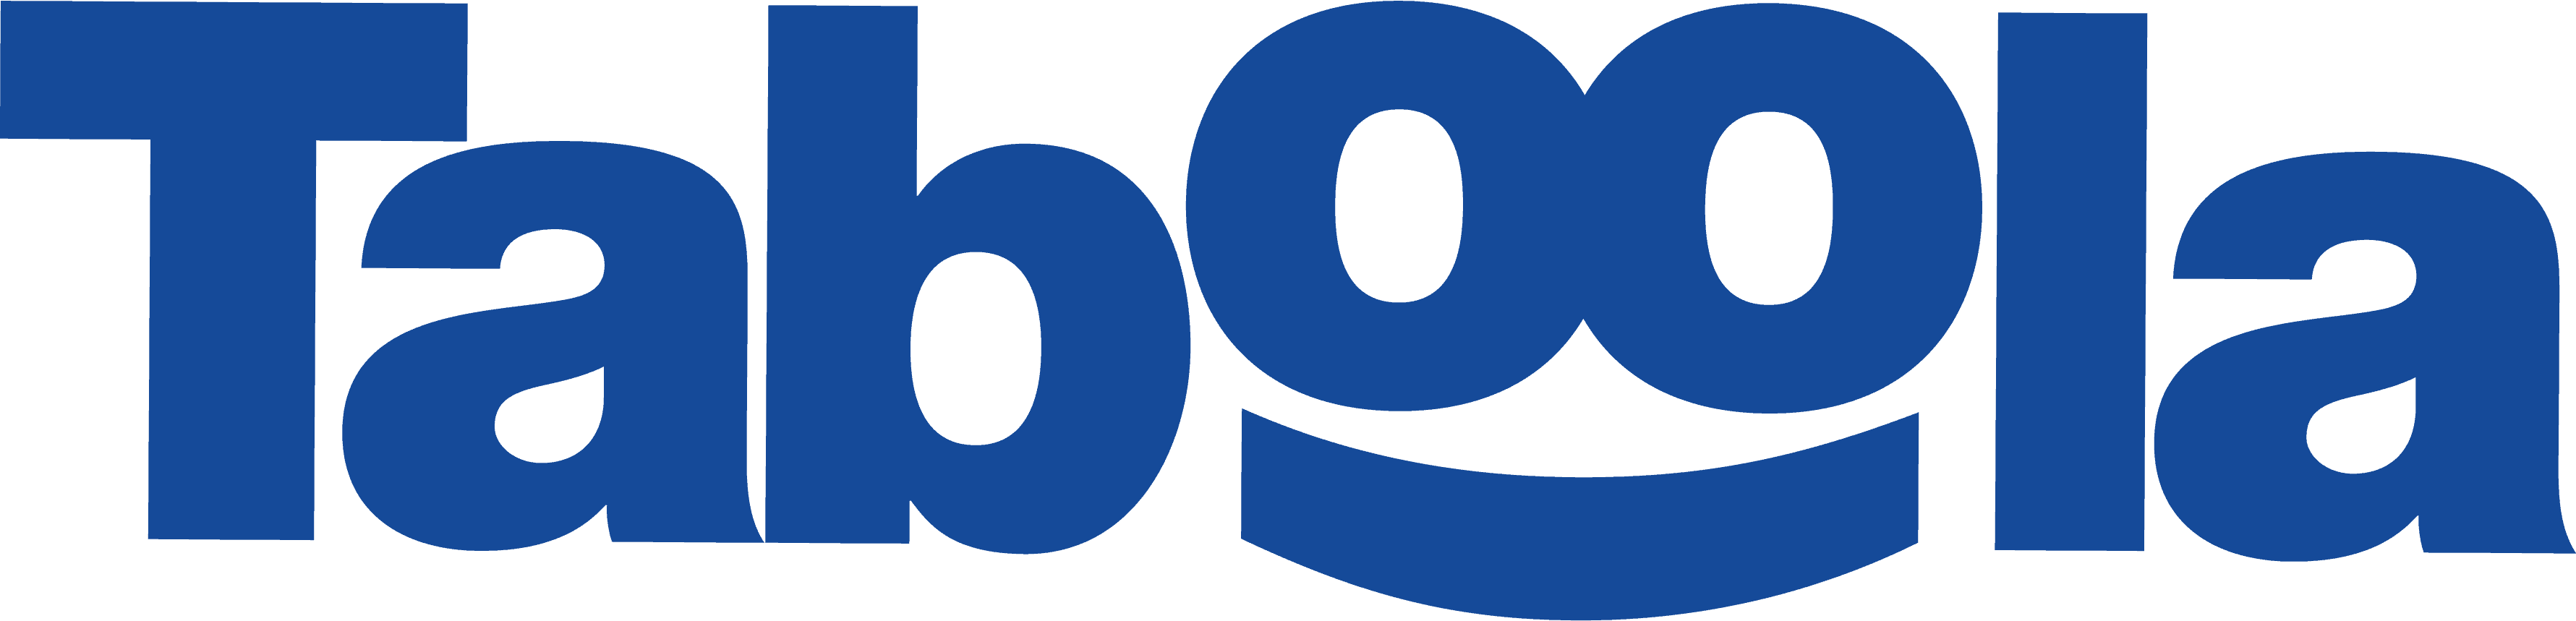 שירותי קידום אתרים באמצעות taboola